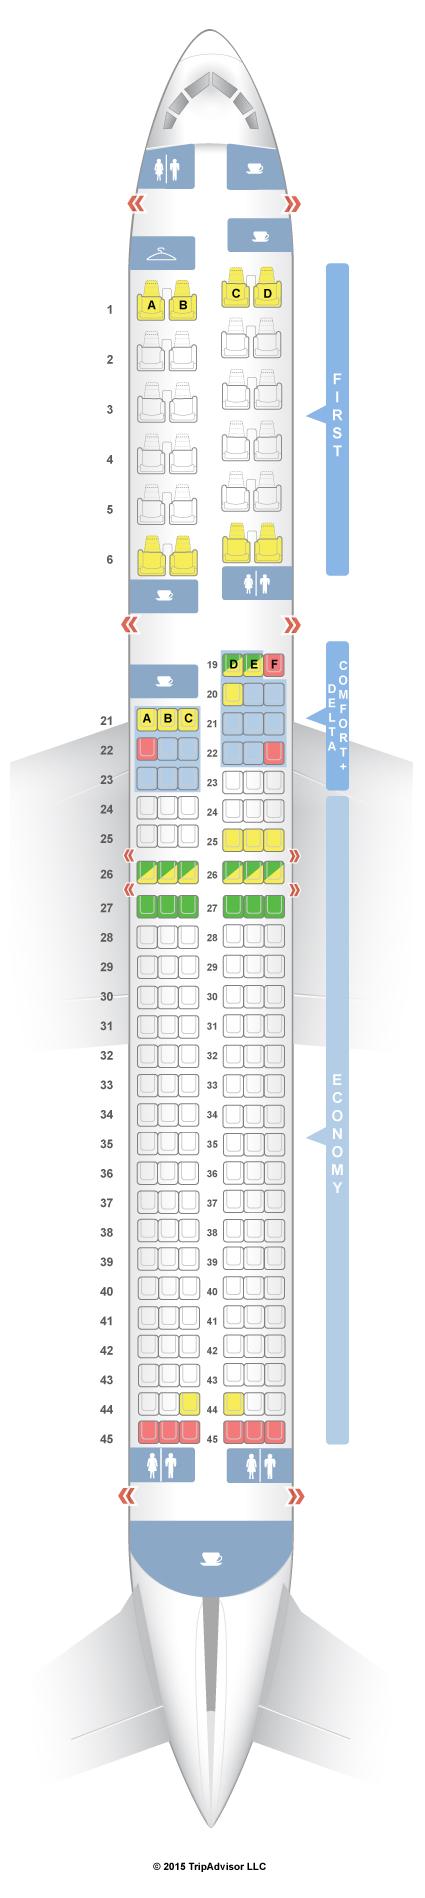 SeatGuru Seat Map Delta Boeing 757-200 (757/75U) | airplanes ... on